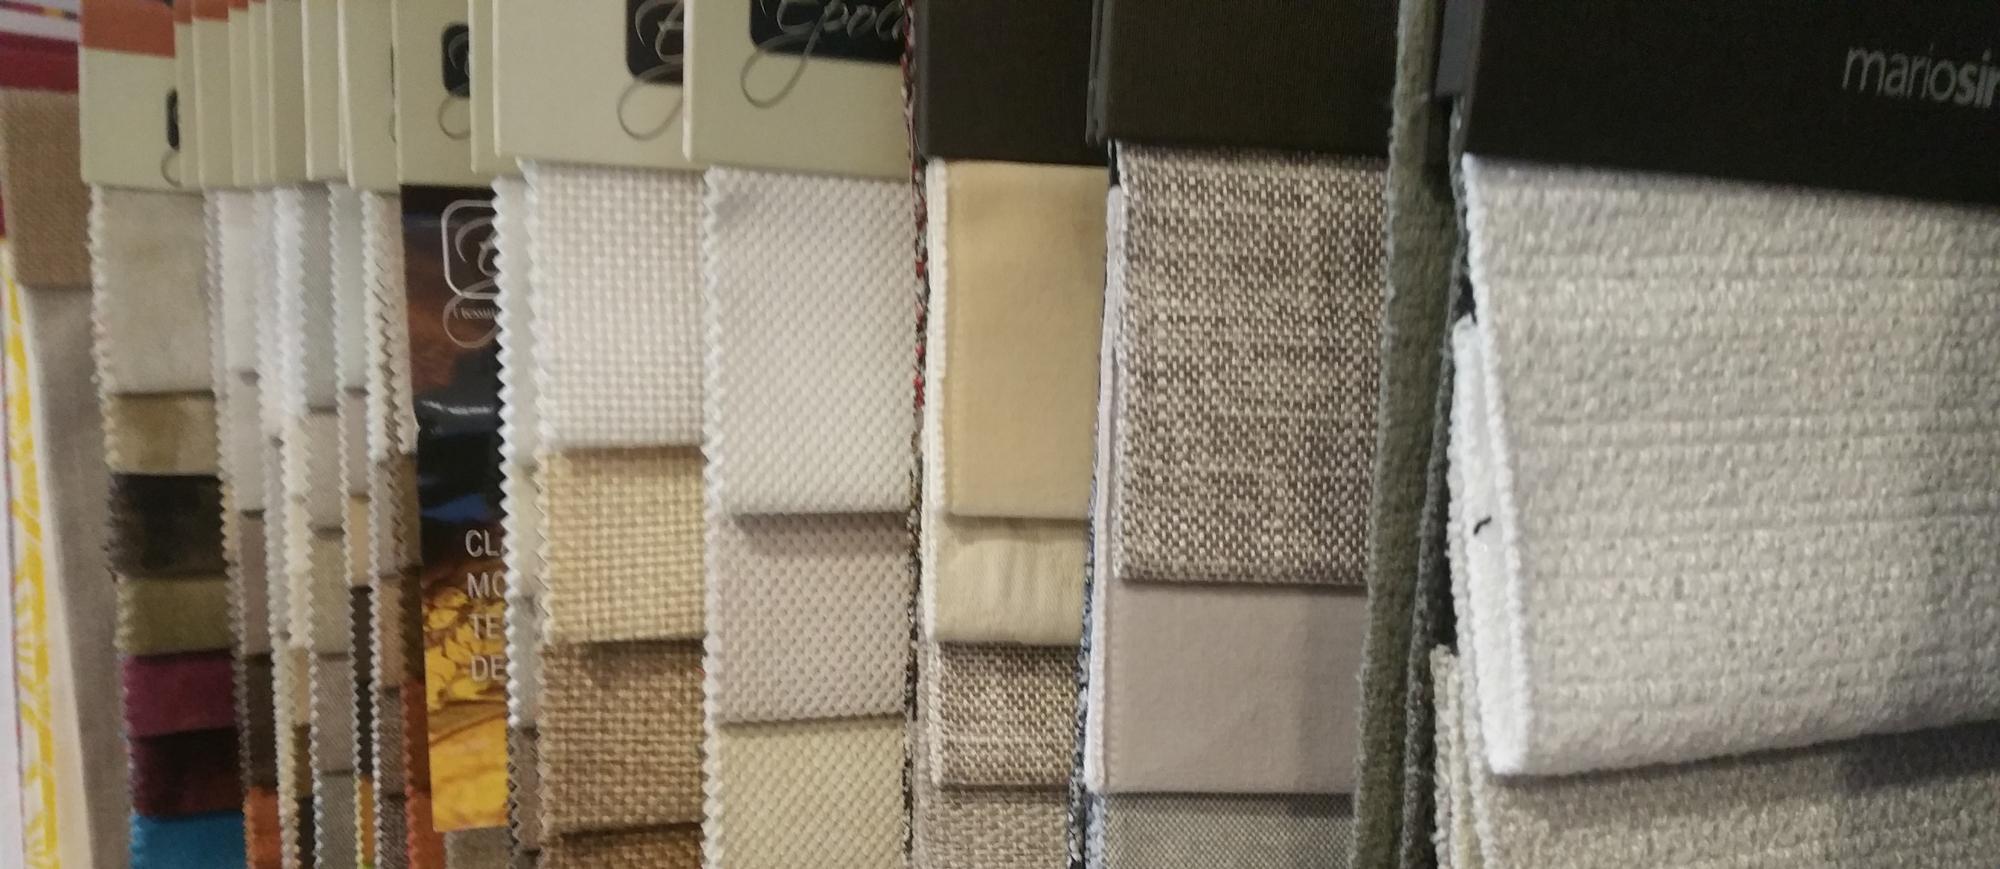 Tessuti d arredamento atelier notte for Outlet tessuti arredamento